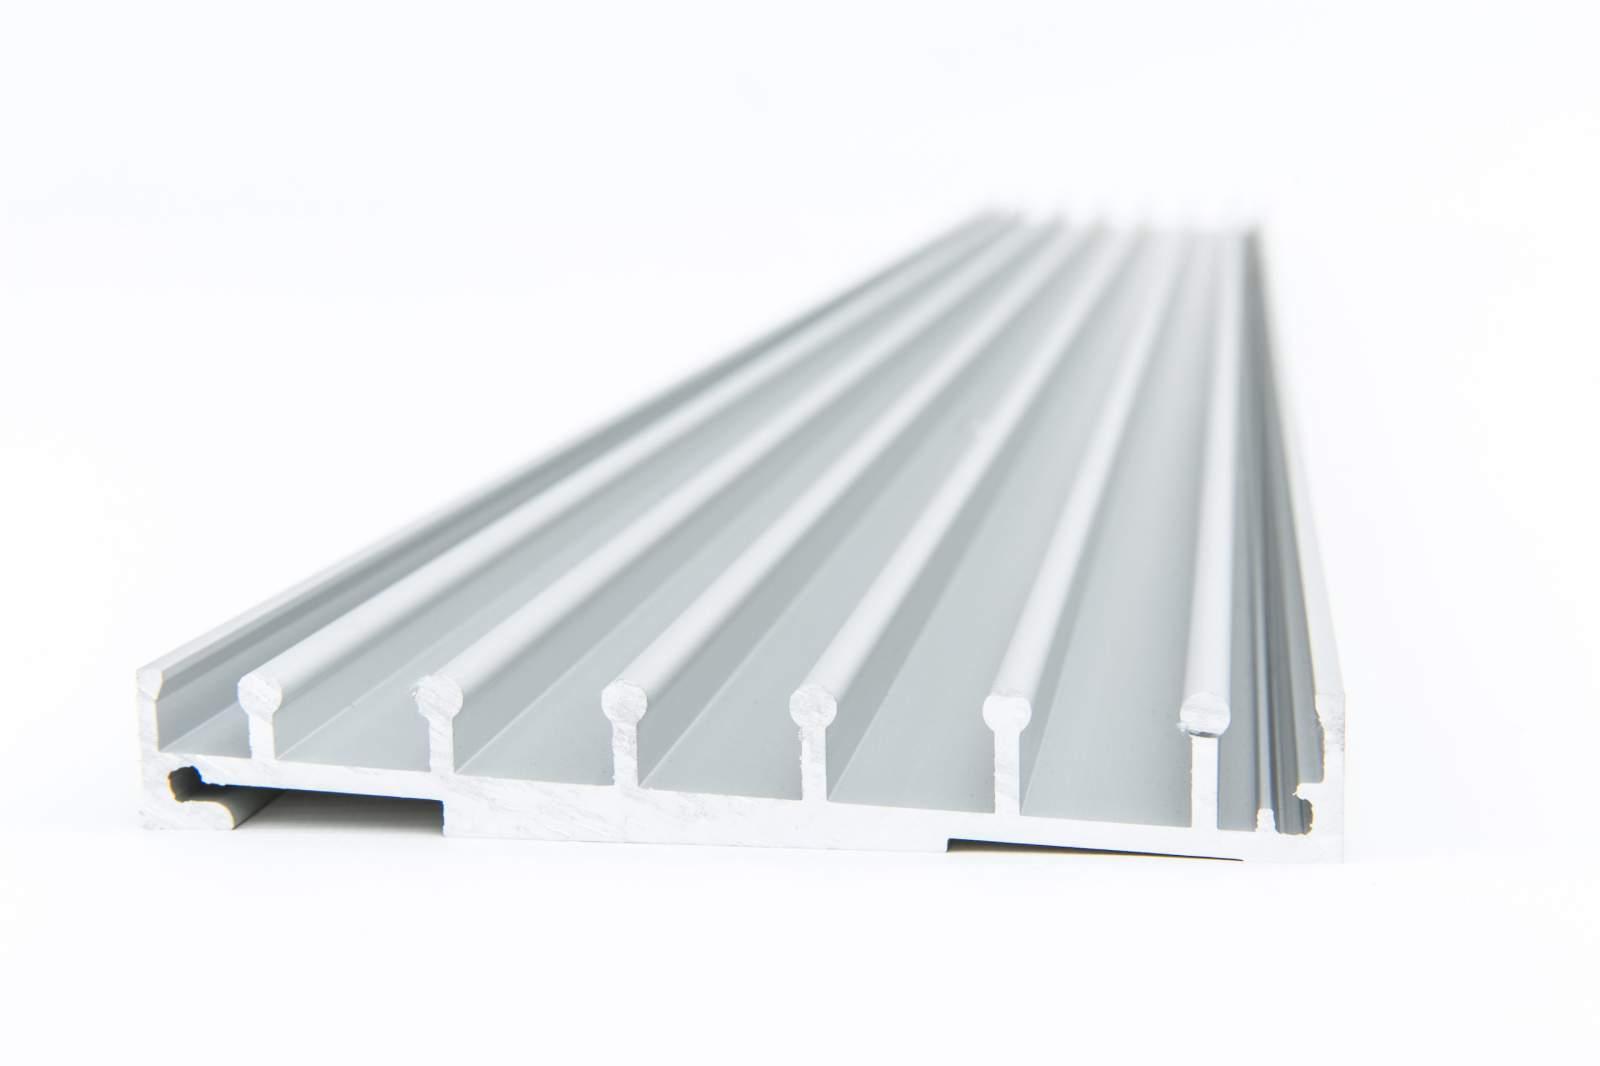 4-rail glazen schuifwand antraciet van 392cm breed en een totale hoogte van 260cm